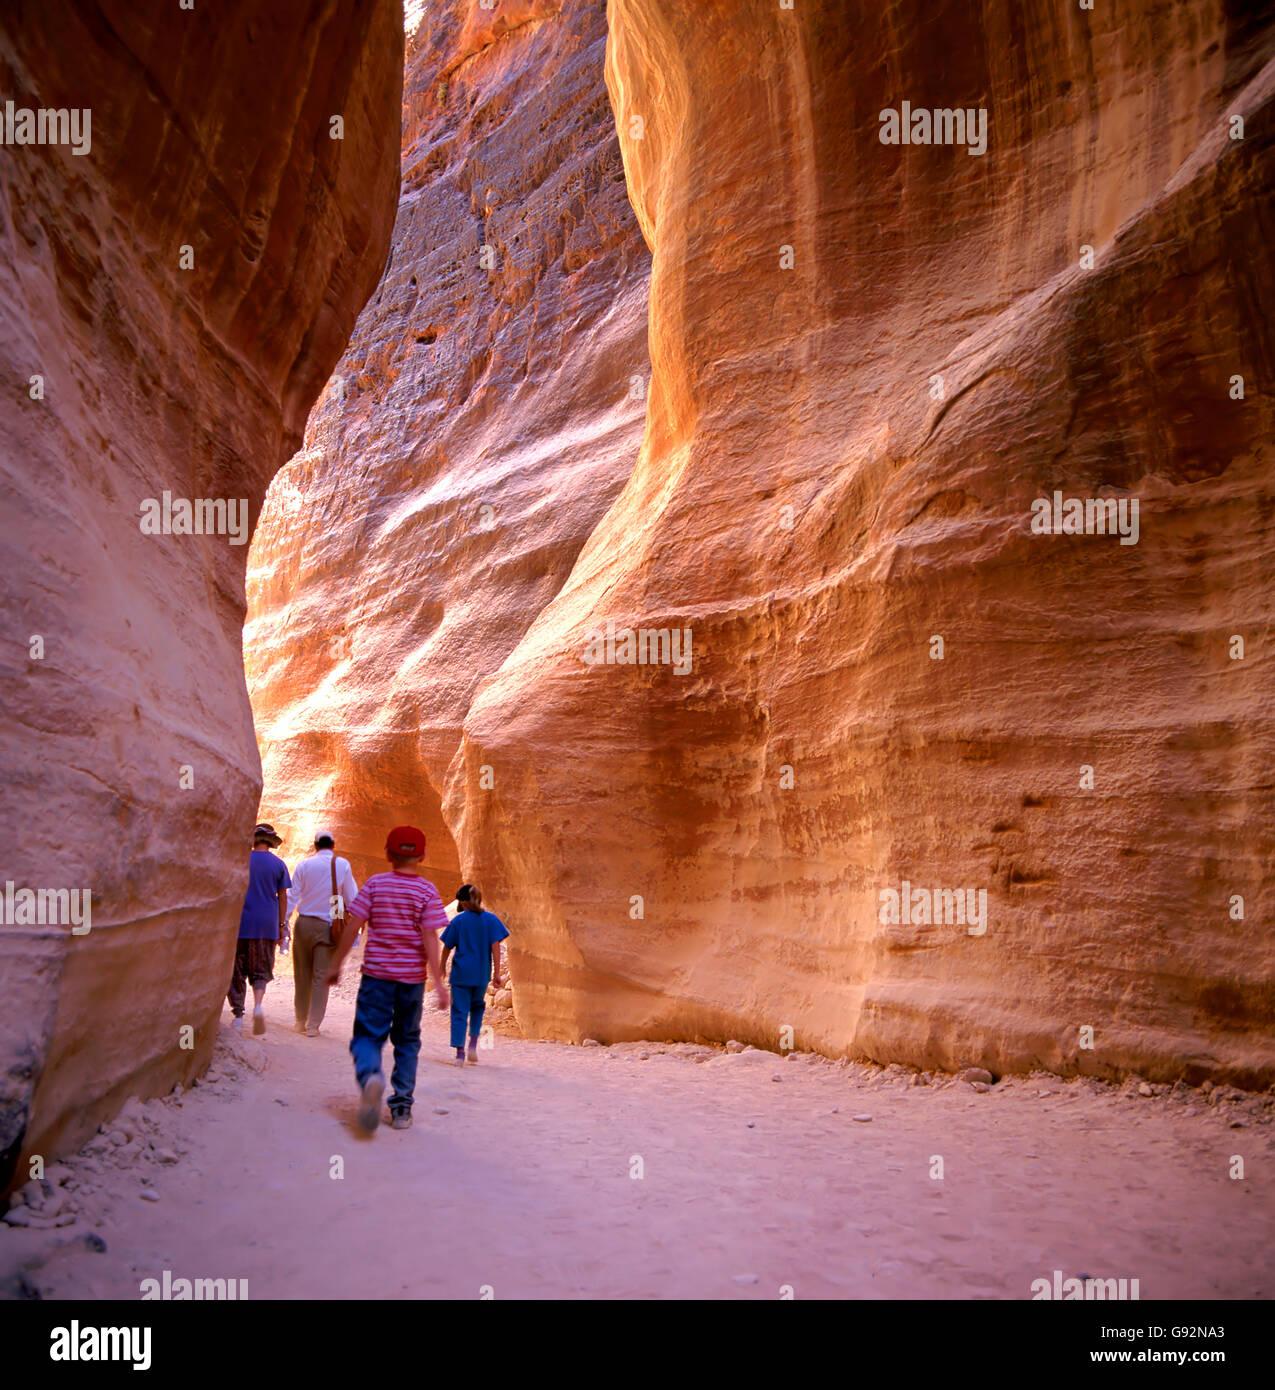 Le Siq entrée de la vieille ville de Petra en Jordanie qui a été sculptée dans les rochers. Photo Stock